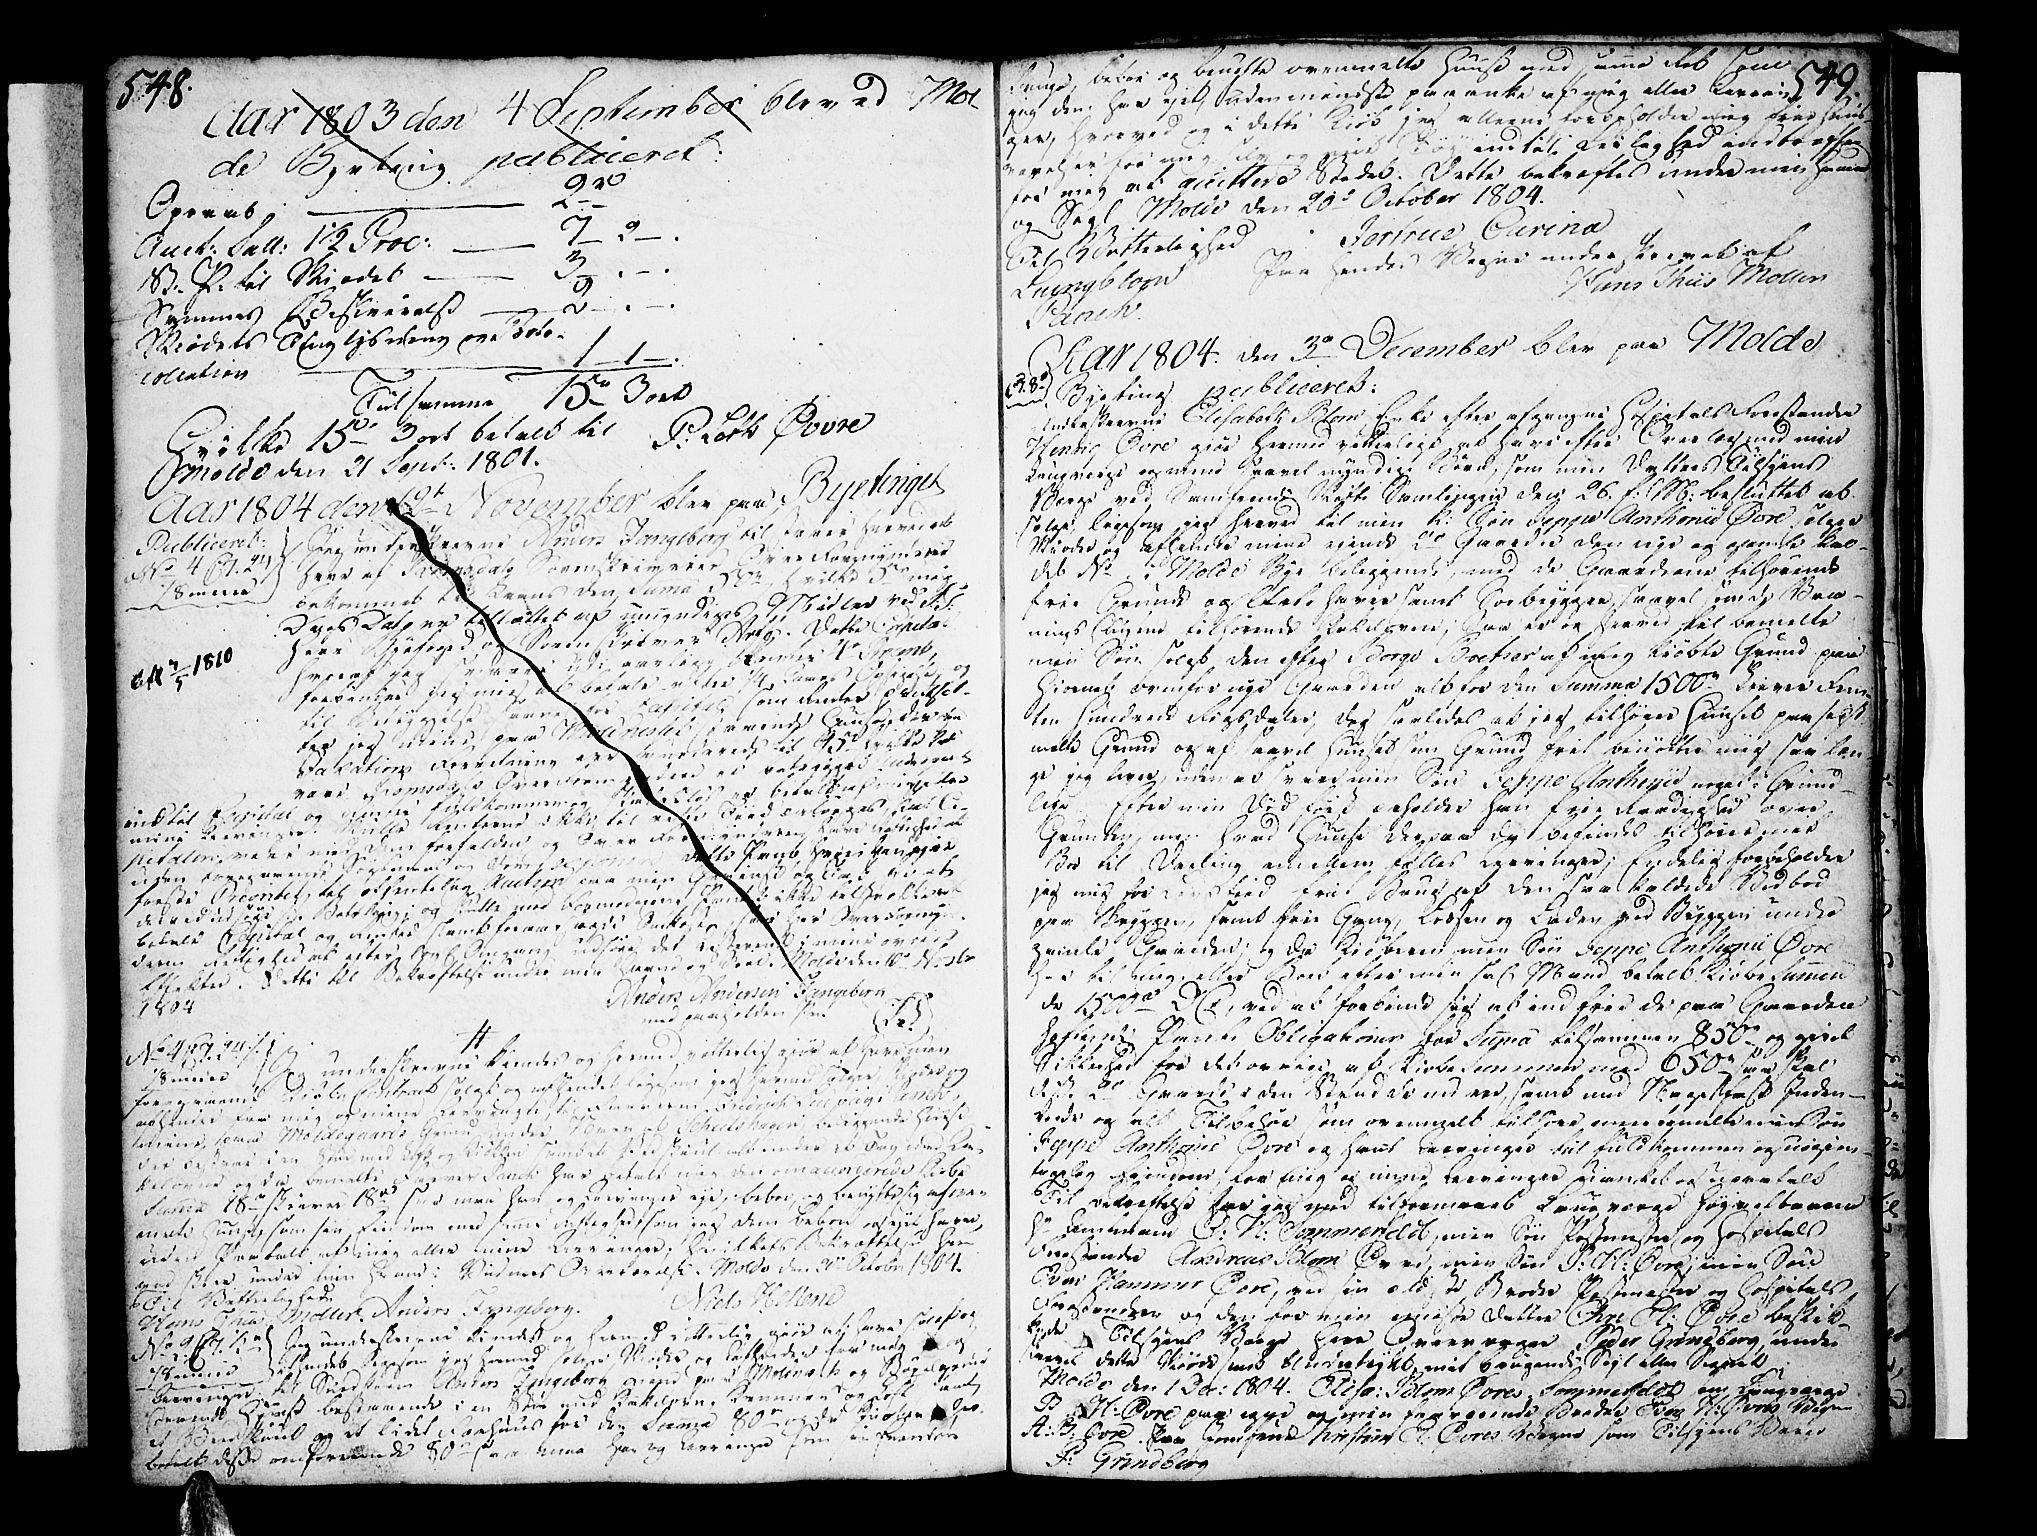 SAT, Molde byfogd, 2/2C/L0001: Pantebok nr. 1, 1748-1823, s. 548-549